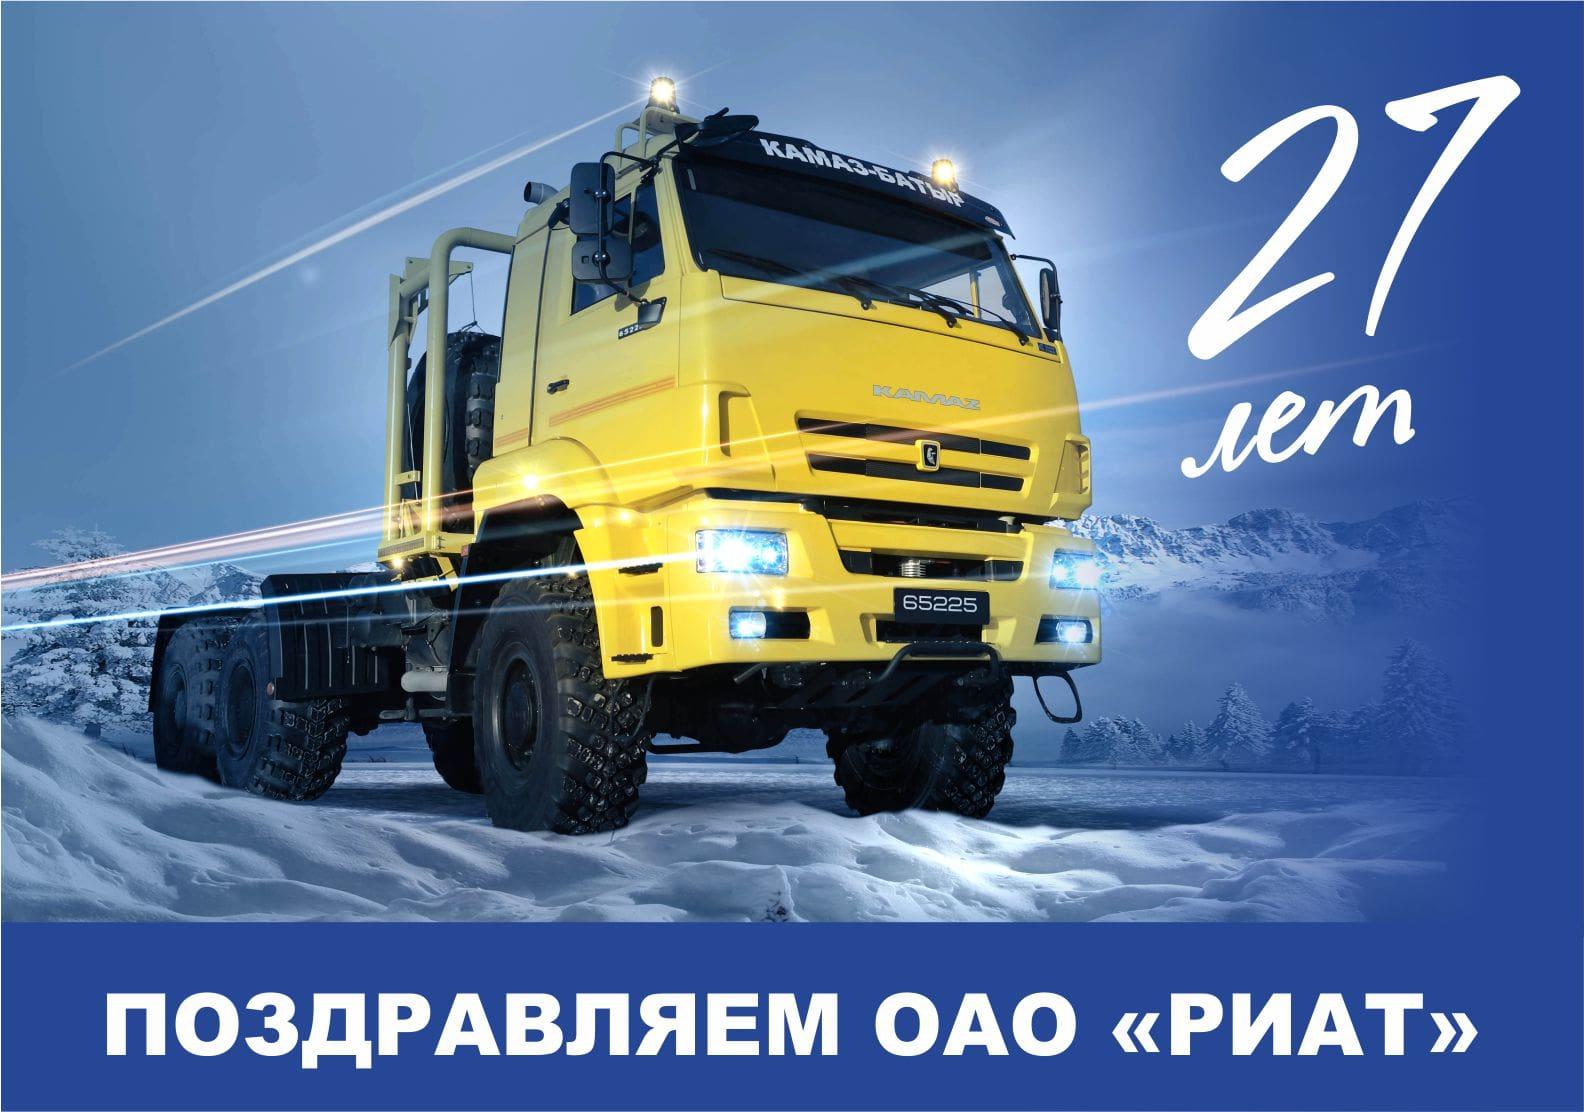 ОАО РИАТ - 27 лет